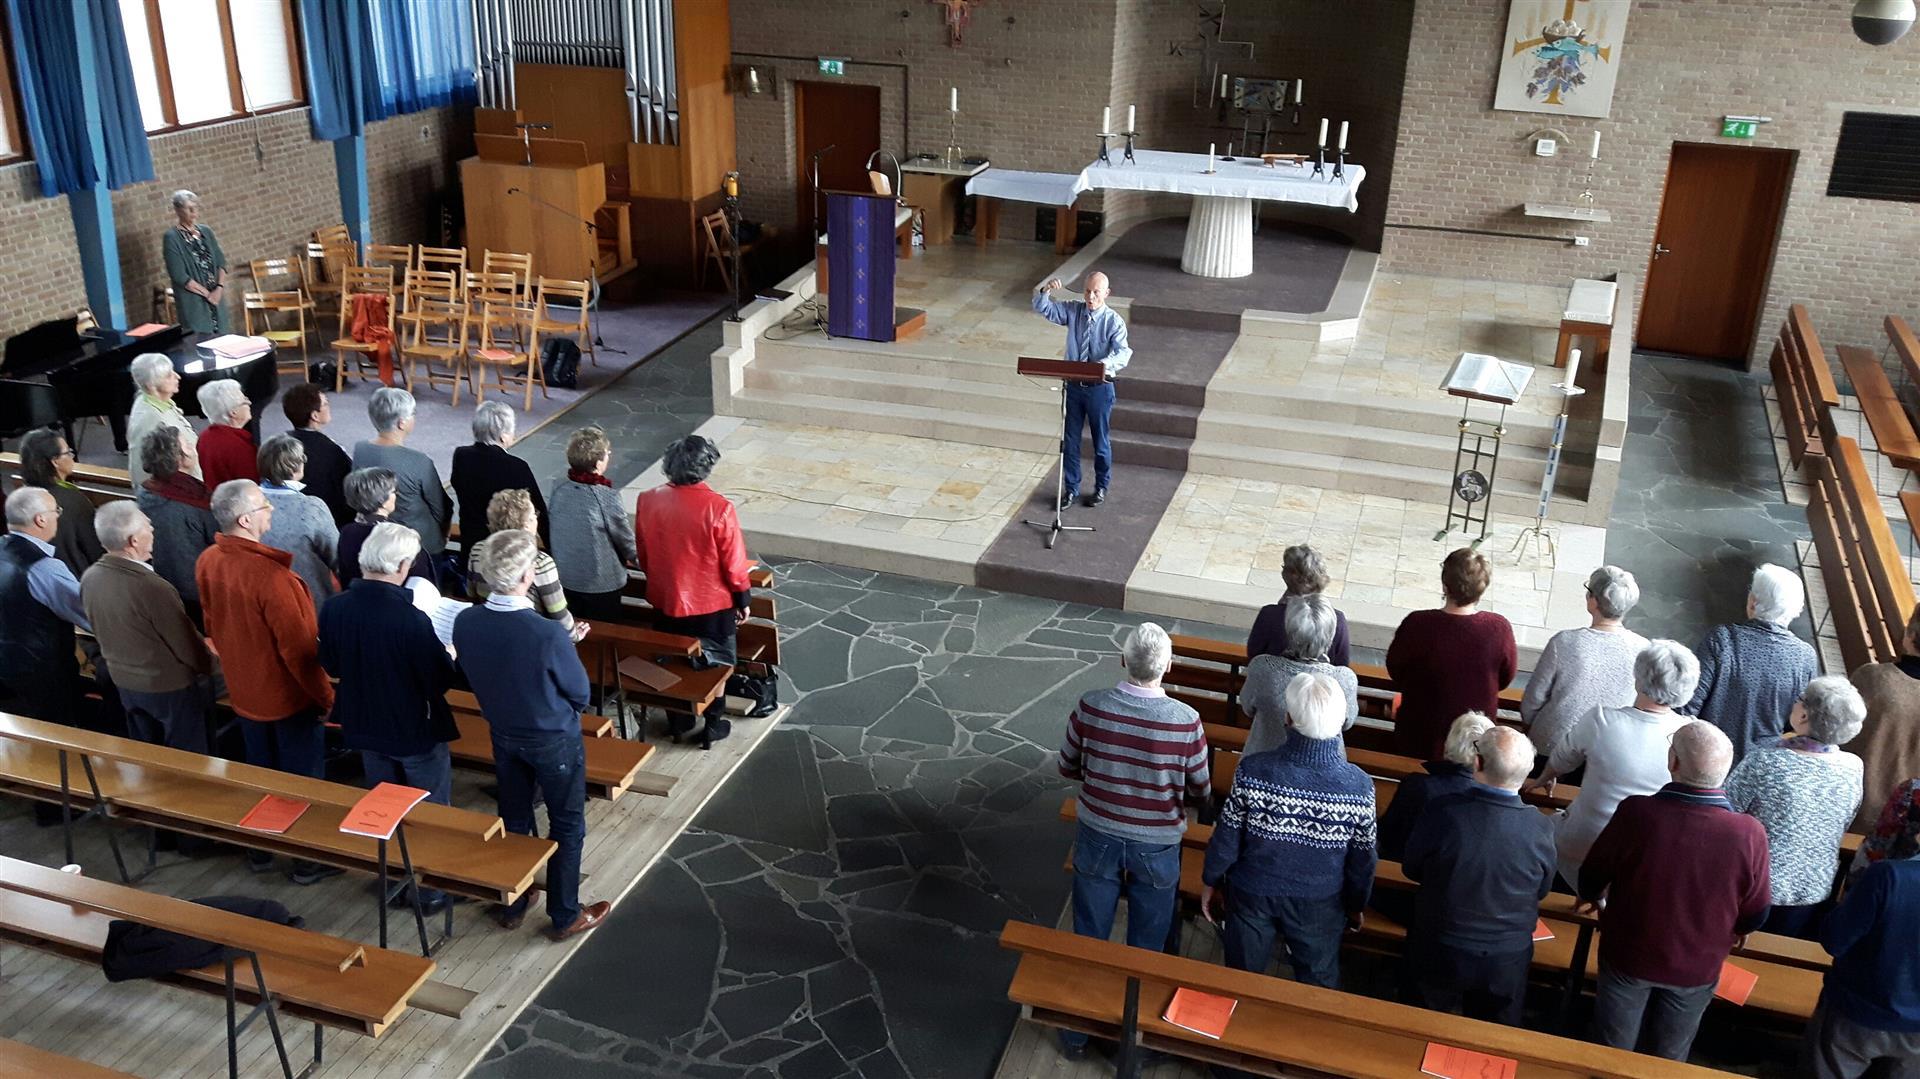 Korendag-Norbertus-17-2-2018 (Large)